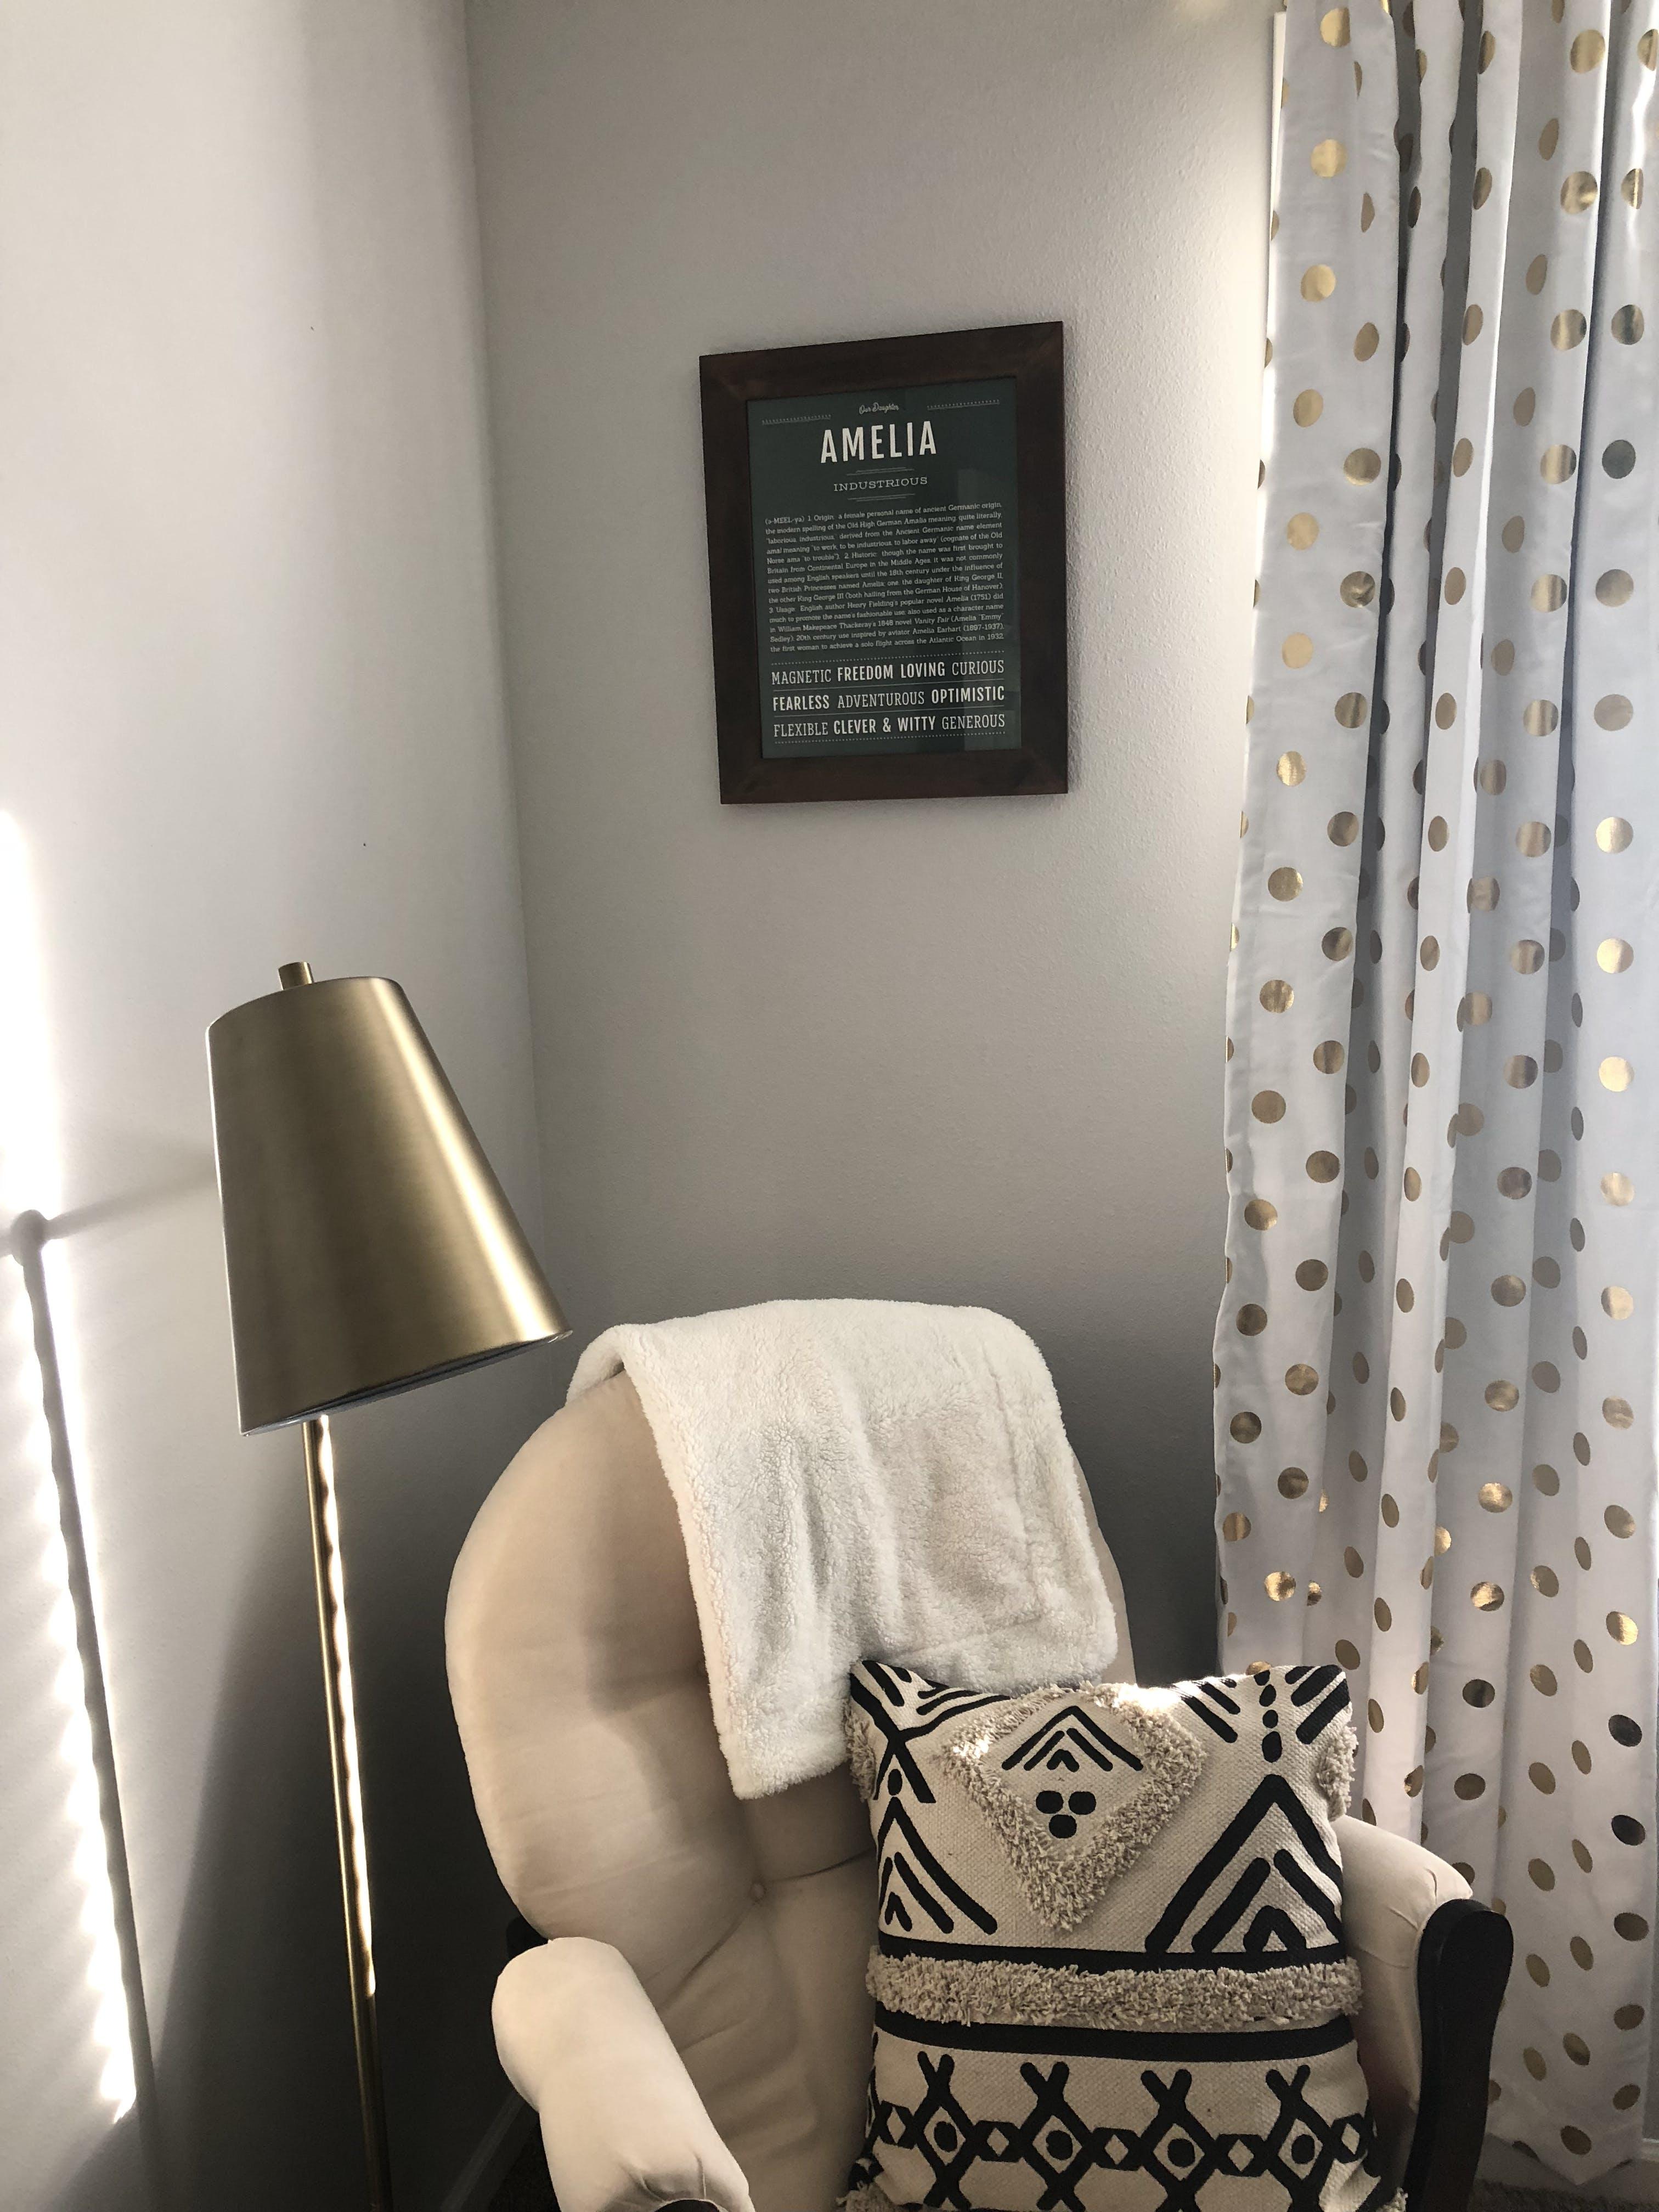 Amelia | Classic Name Print